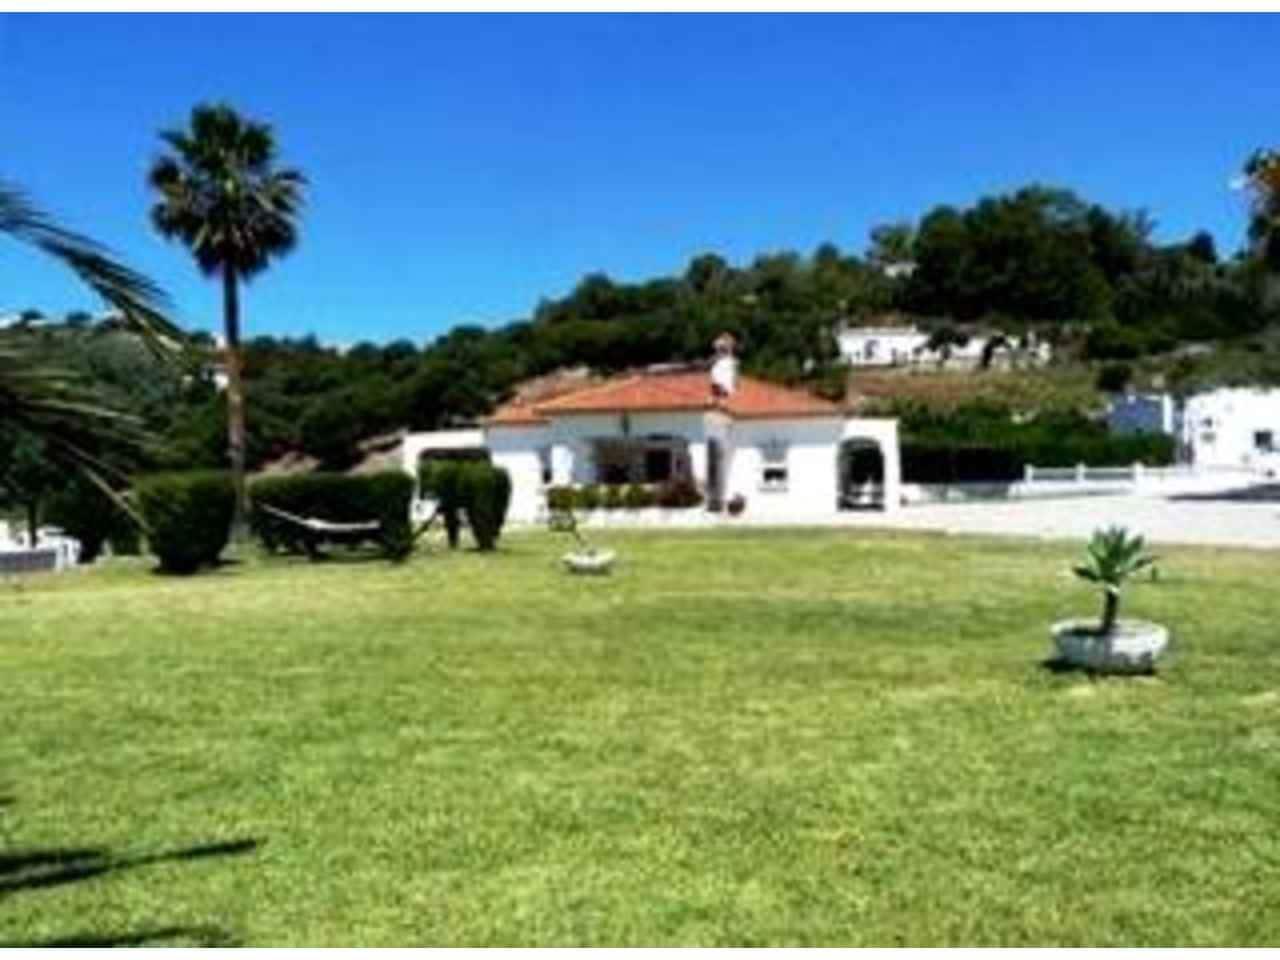 5 Zimmer Finca/Landgut zu verkaufen in Vejer de la Frontera mit Pool Garage - 649.950 € (Ref: 3100977)